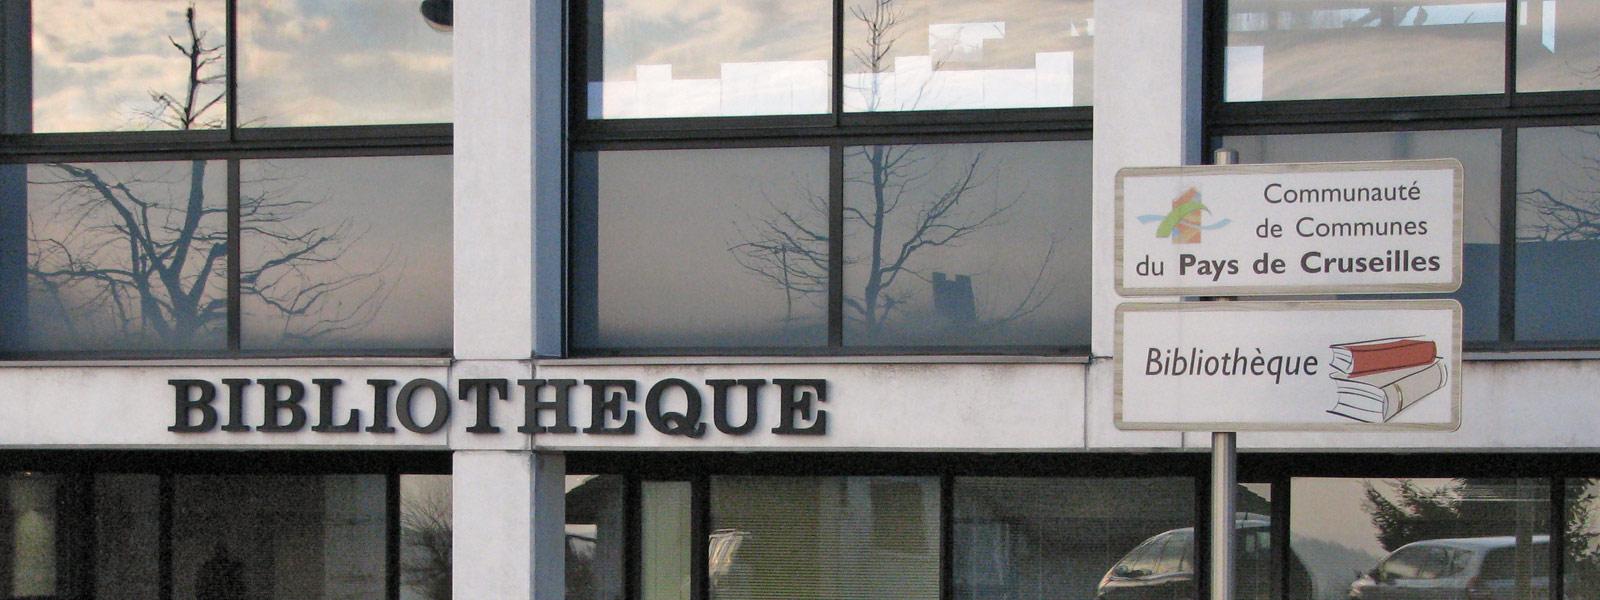 Bibliothèque de la Communauté de Communes du Pays de Cruseilles